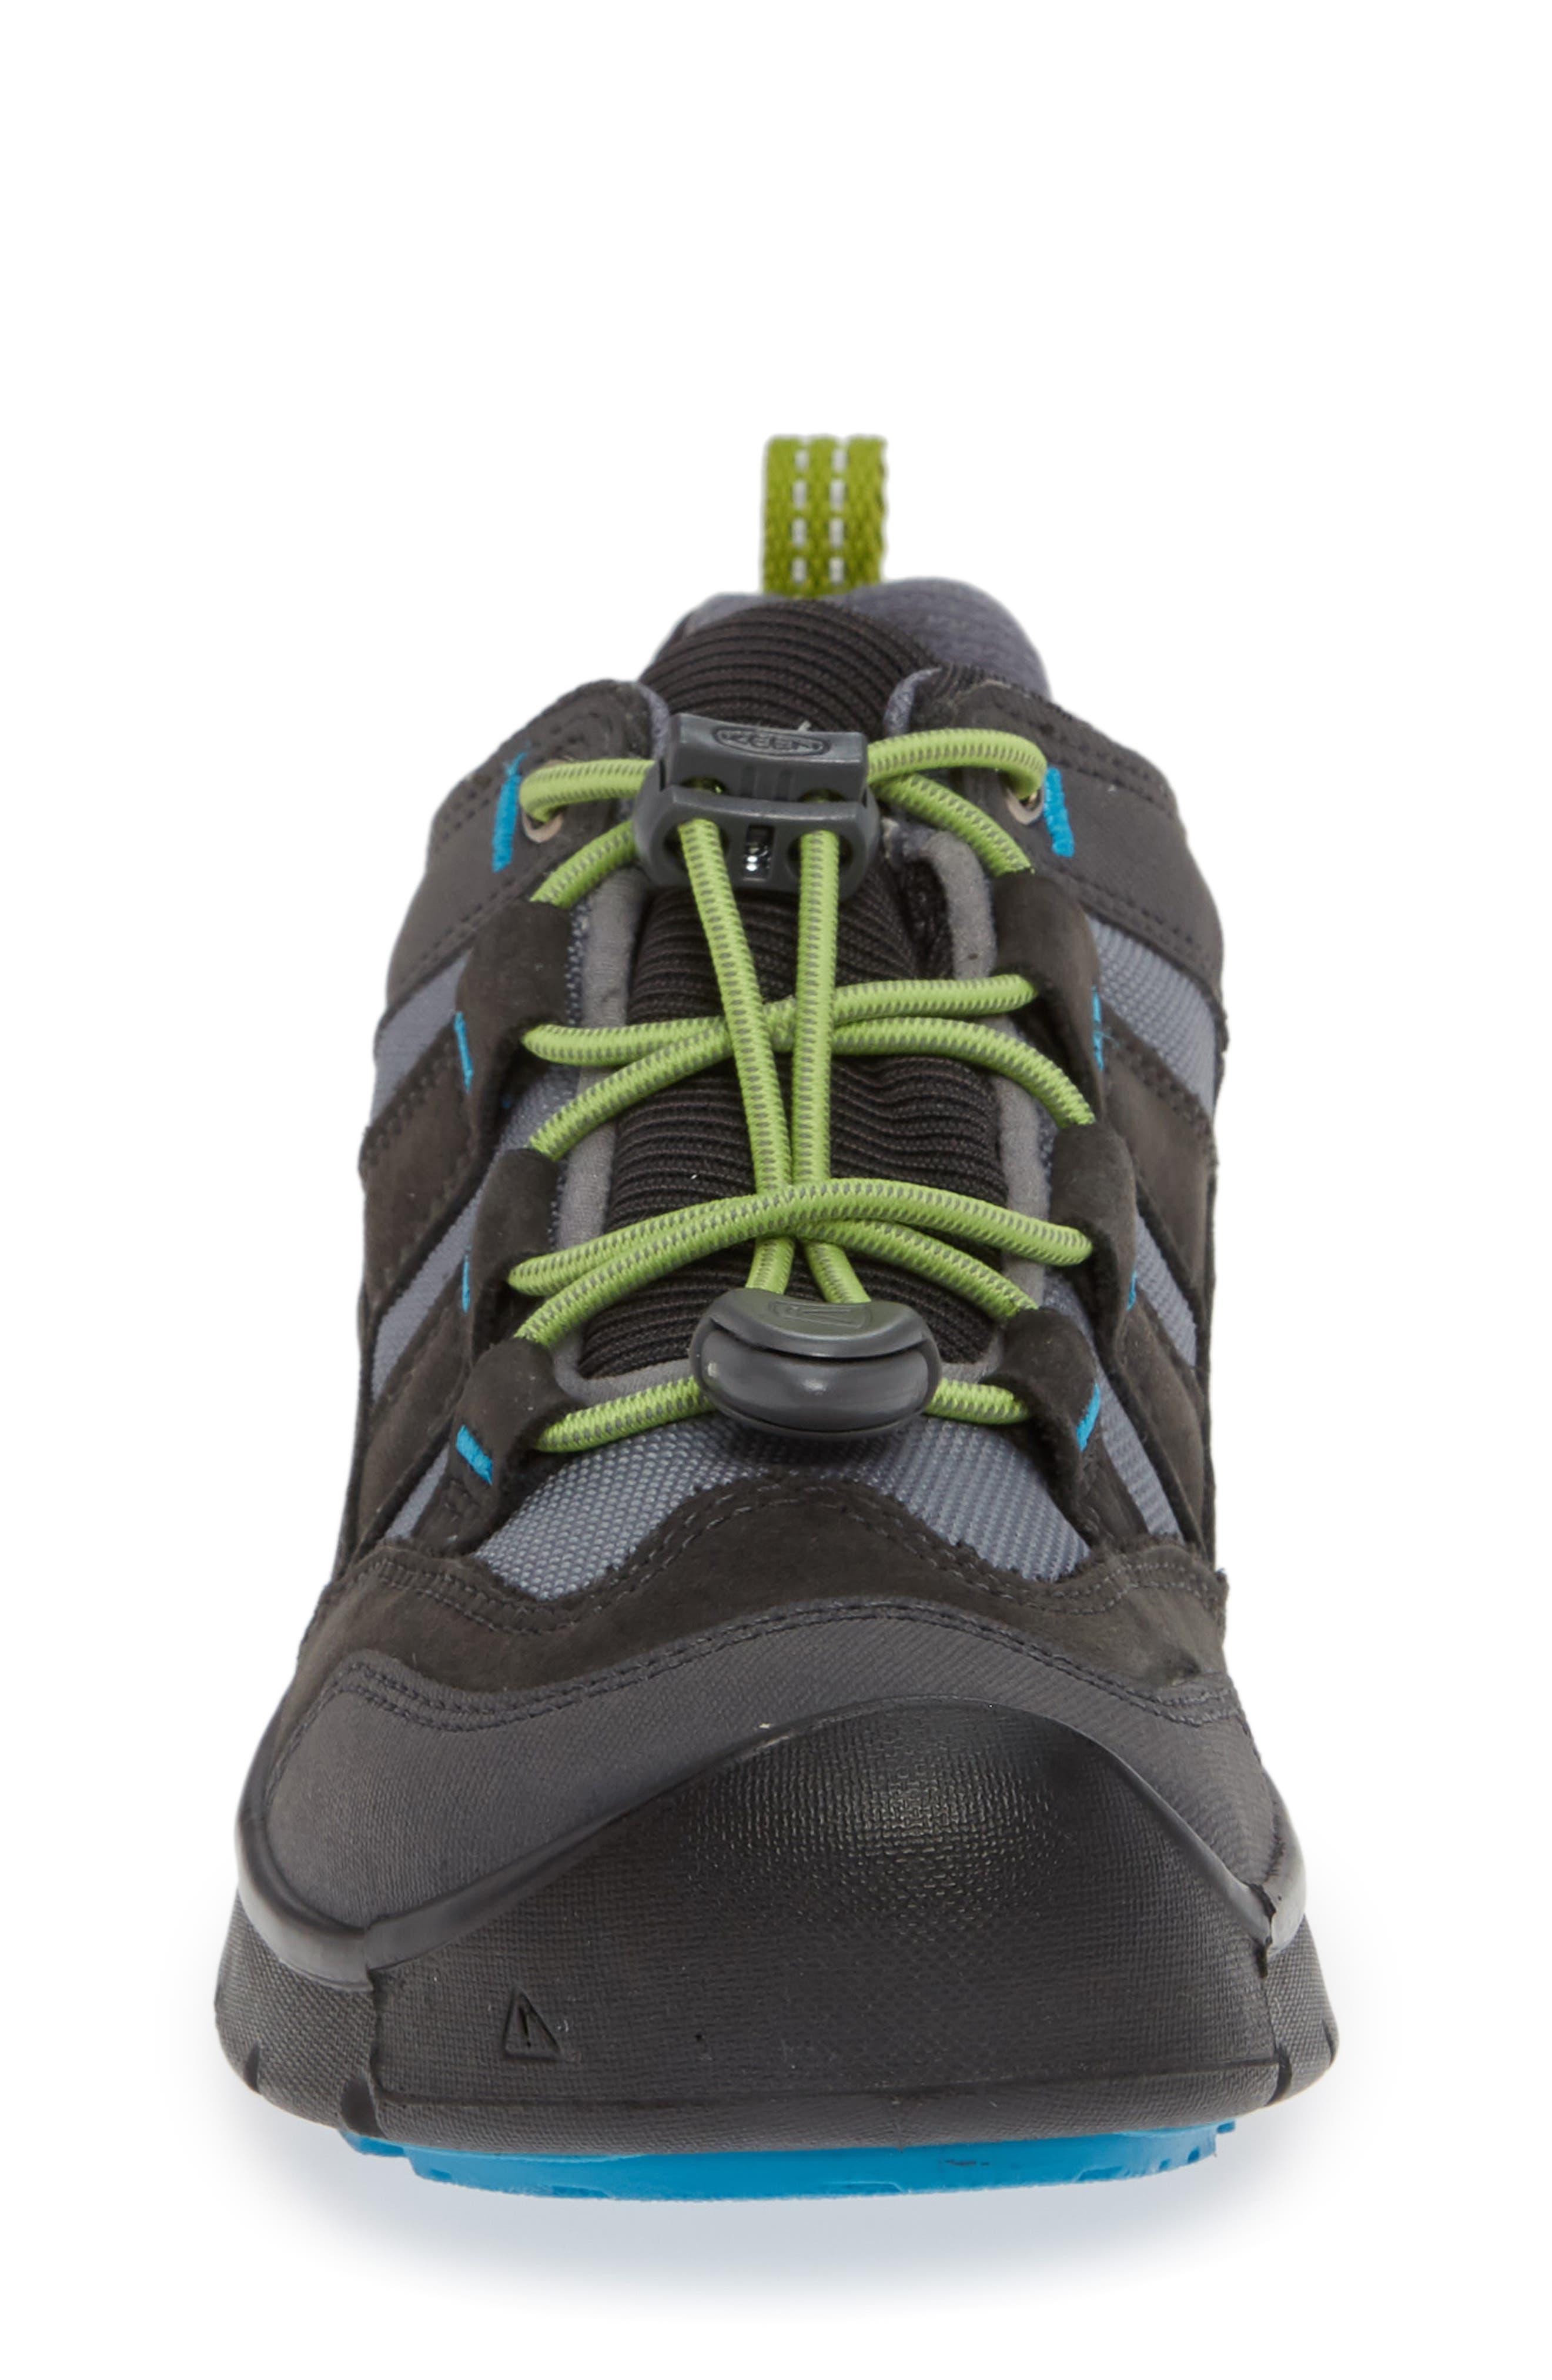 Hikeport Waterproof Sneaker,                             Alternate thumbnail 4, color,                             MAGNET/ GREENERY/ GREENERY